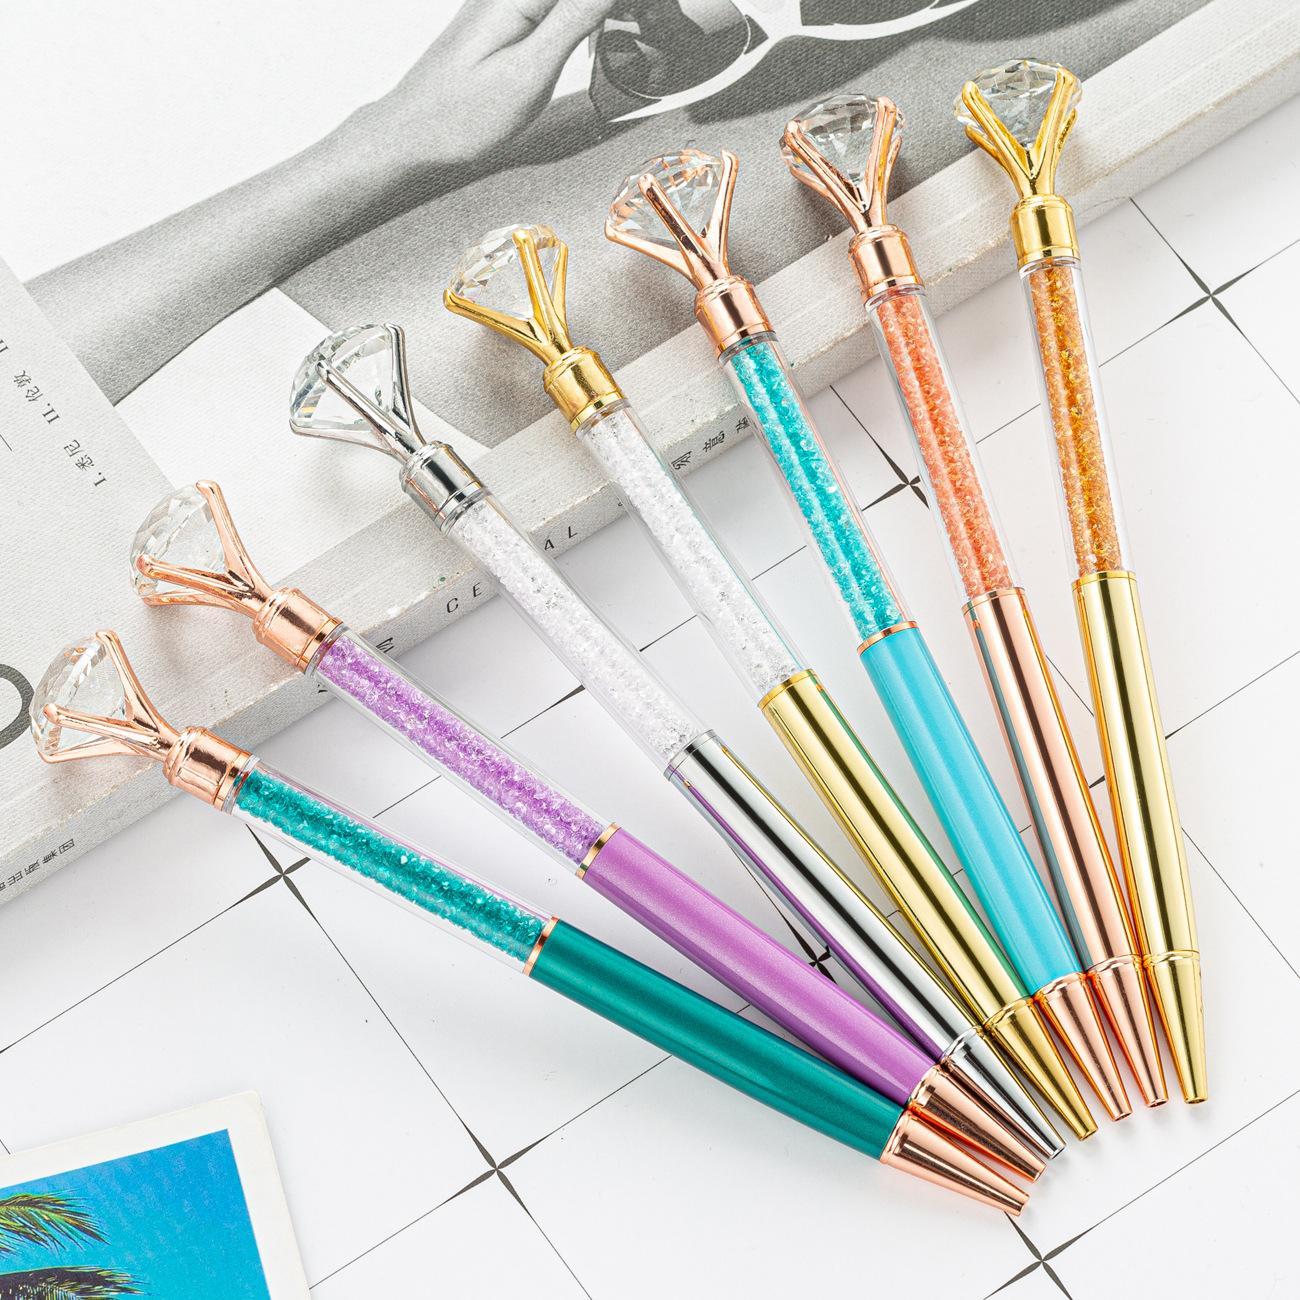 새로운 큰 다이아몬드 볼펜 펜 블링 작은 크리스탈 금속 펜 학교 사무실 쓰기 용품 비즈니스 펜 편지지 학생 선물